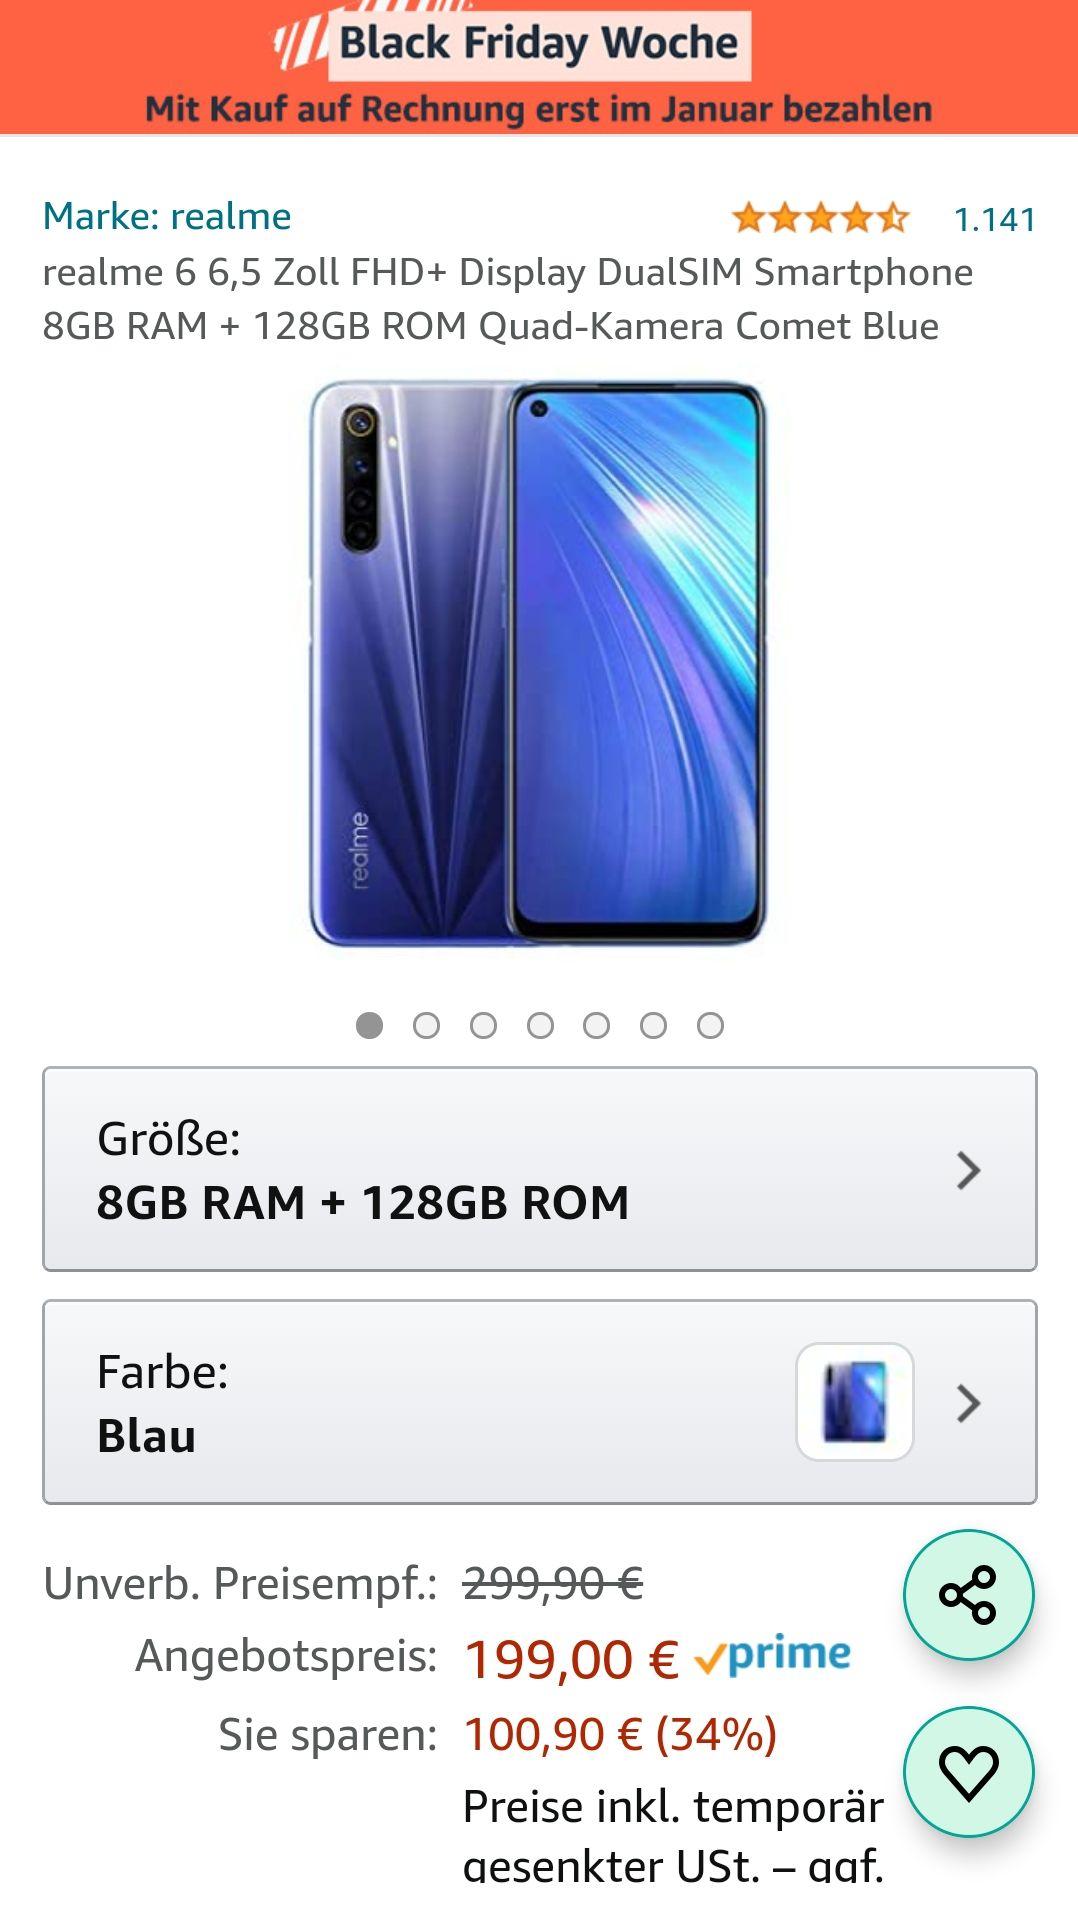 Realme 68/128GB in Comet Blue